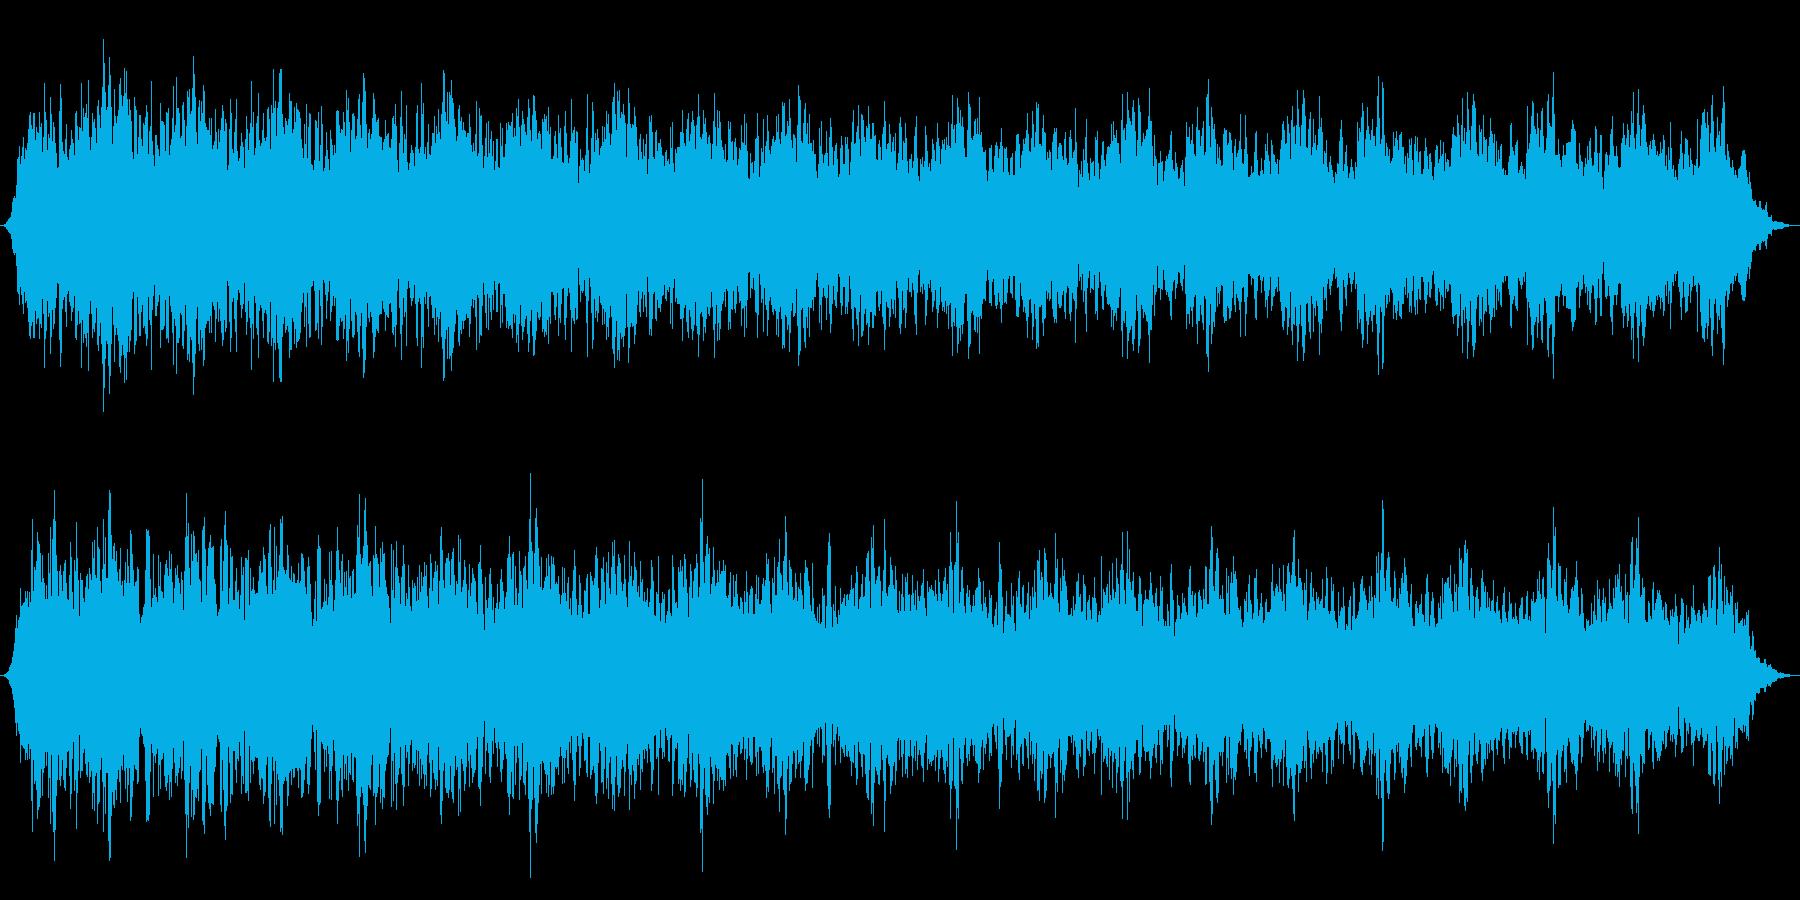 スローシャッターシンセドローンの再生済みの波形